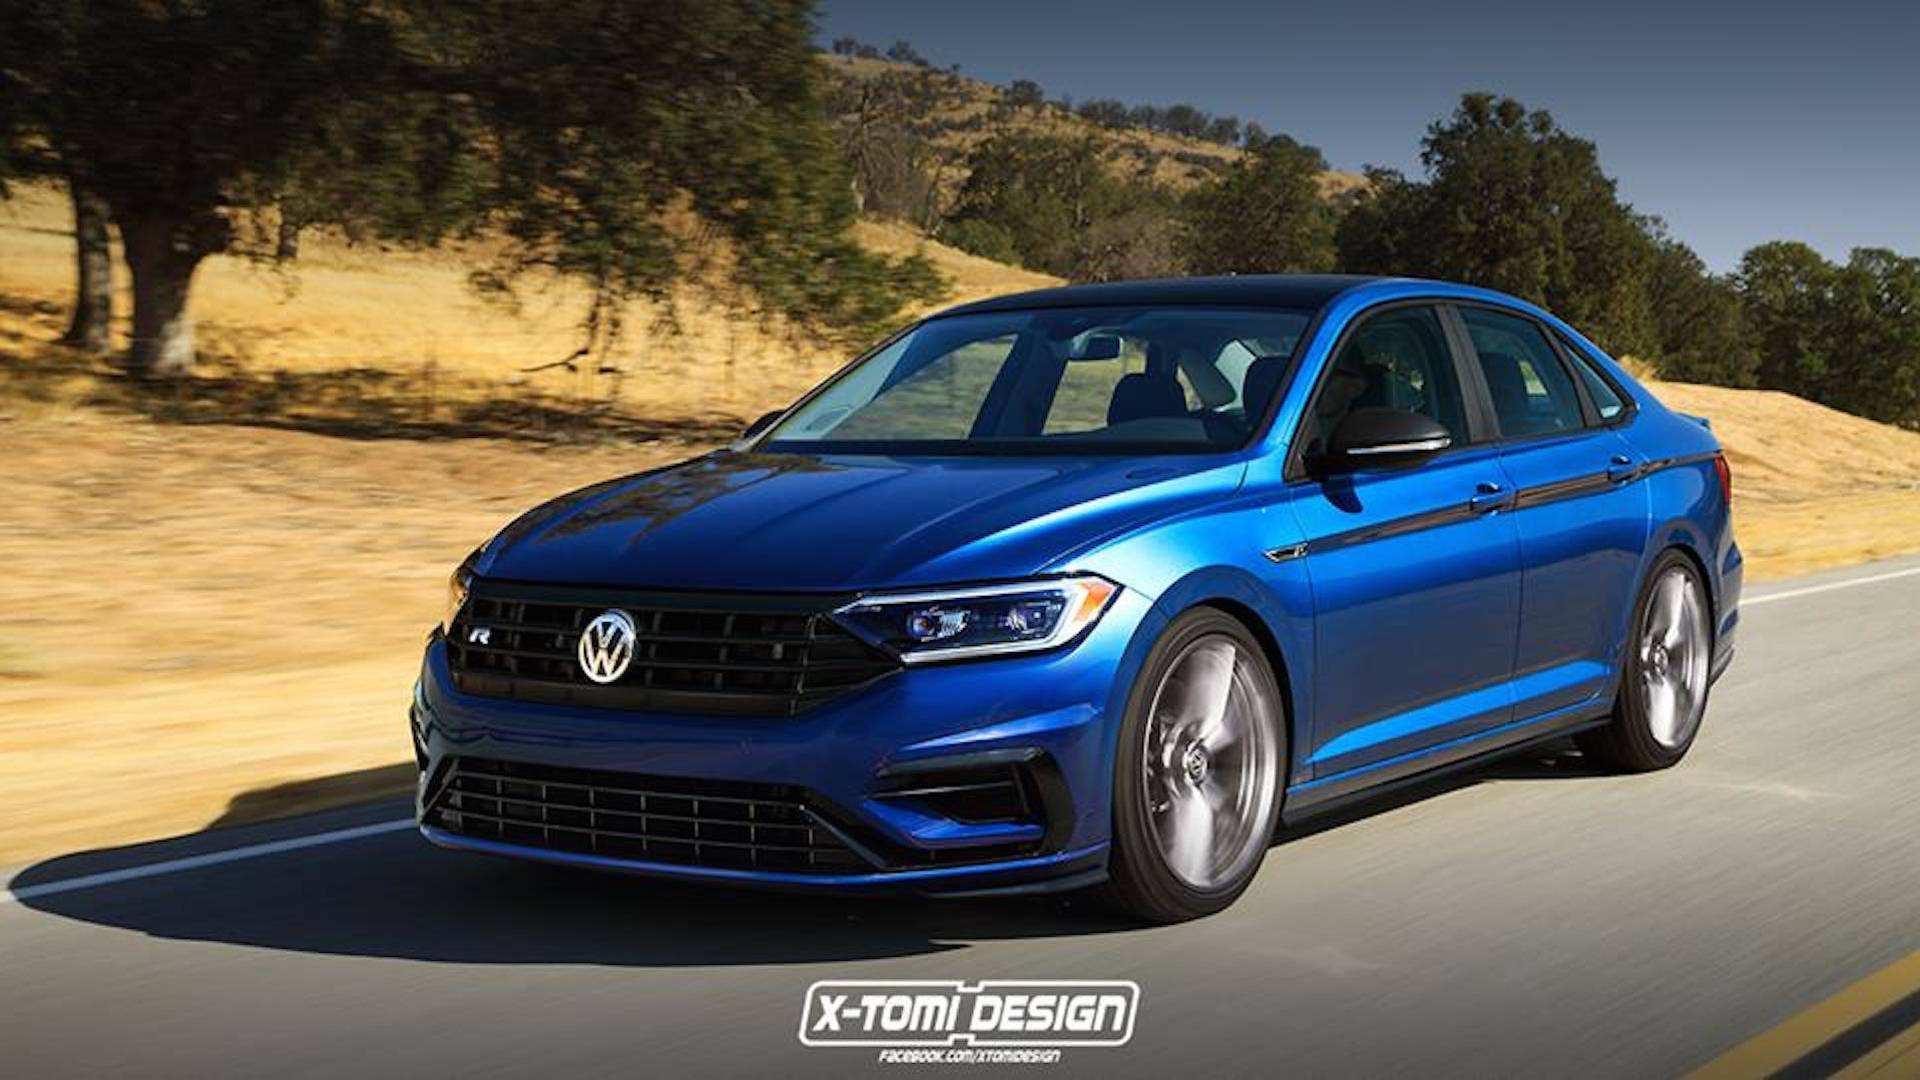 60 The 2019 Volkswagen Jetta Gli Speed Test for 2019 Volkswagen Jetta Gli